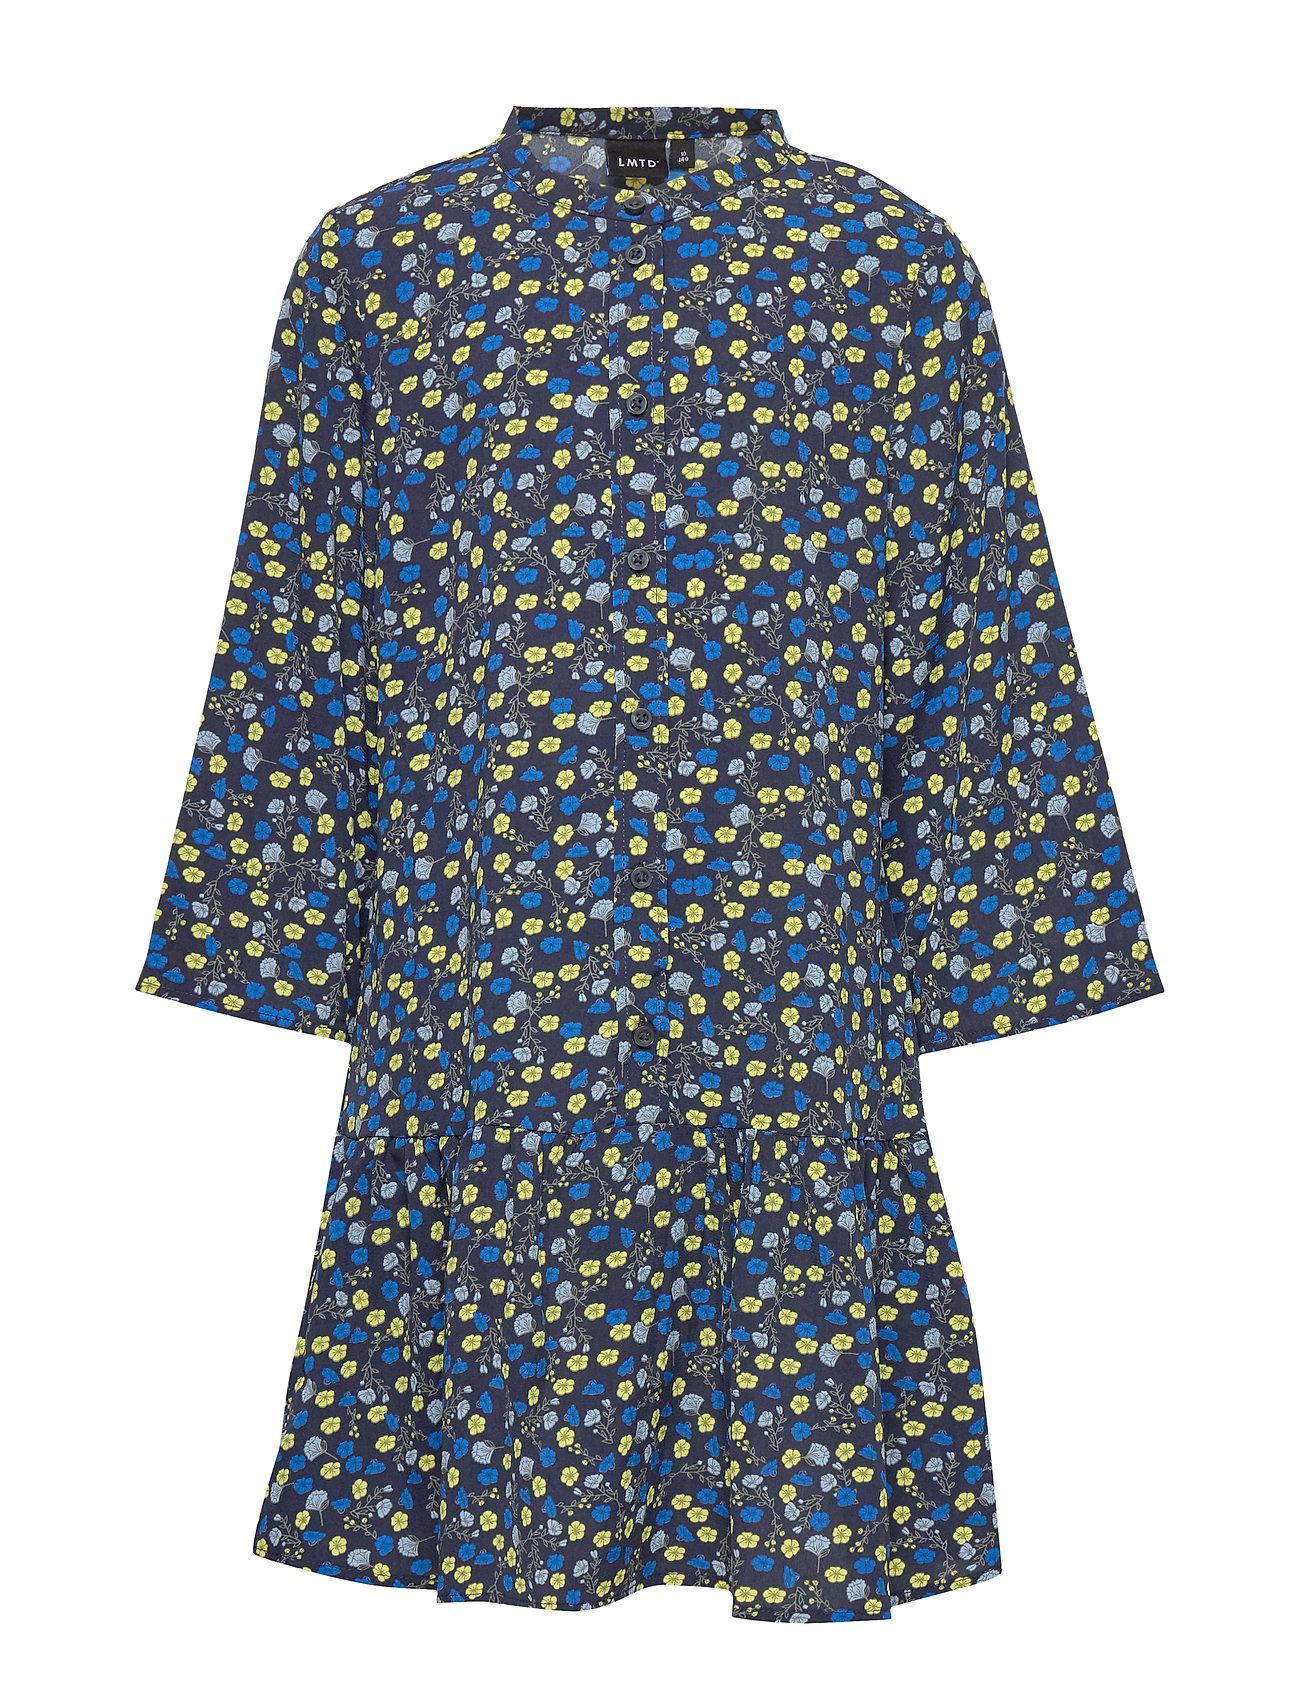 Image of Nlfbyna 3/4 Dress Kjole Blå LMTD (3333160273)